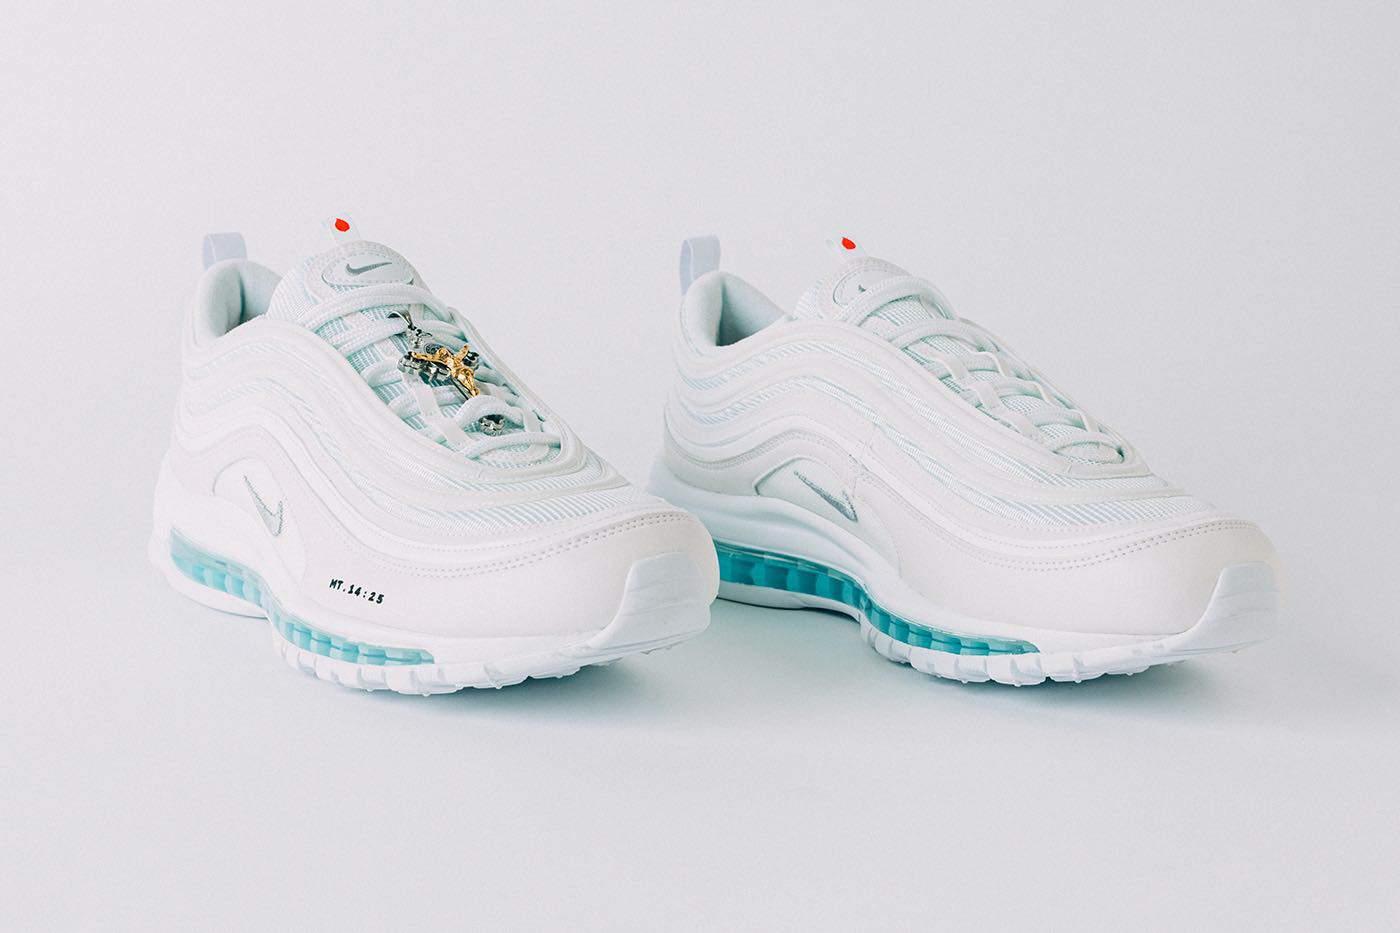 air max 97 blancas precio